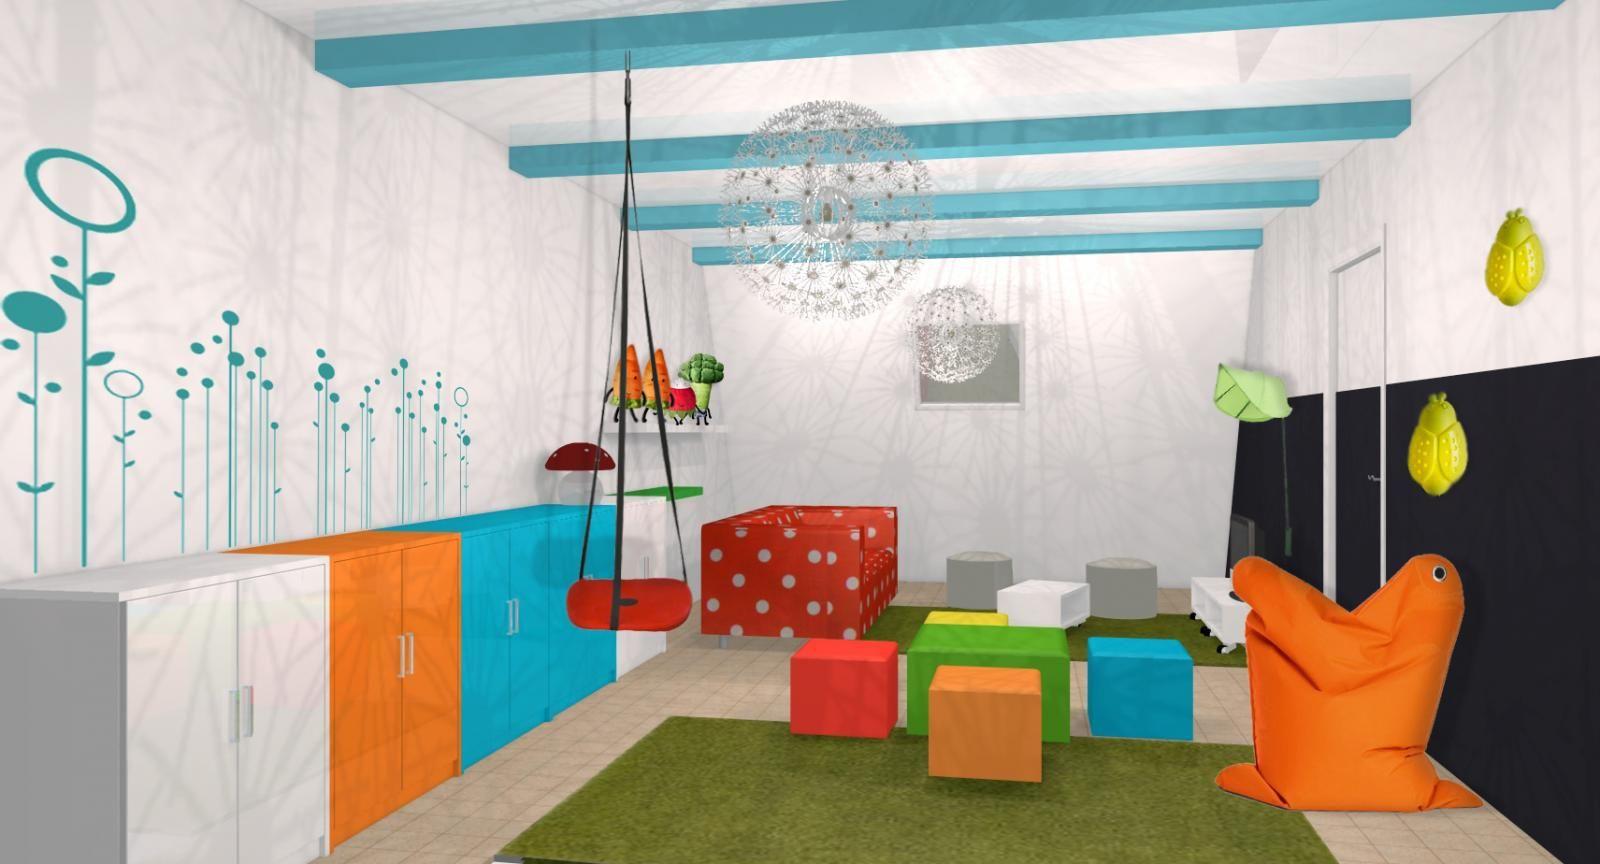 d co salle de jeux design salle de jeu camping pinterest deco salle de jeux salles de. Black Bedroom Furniture Sets. Home Design Ideas